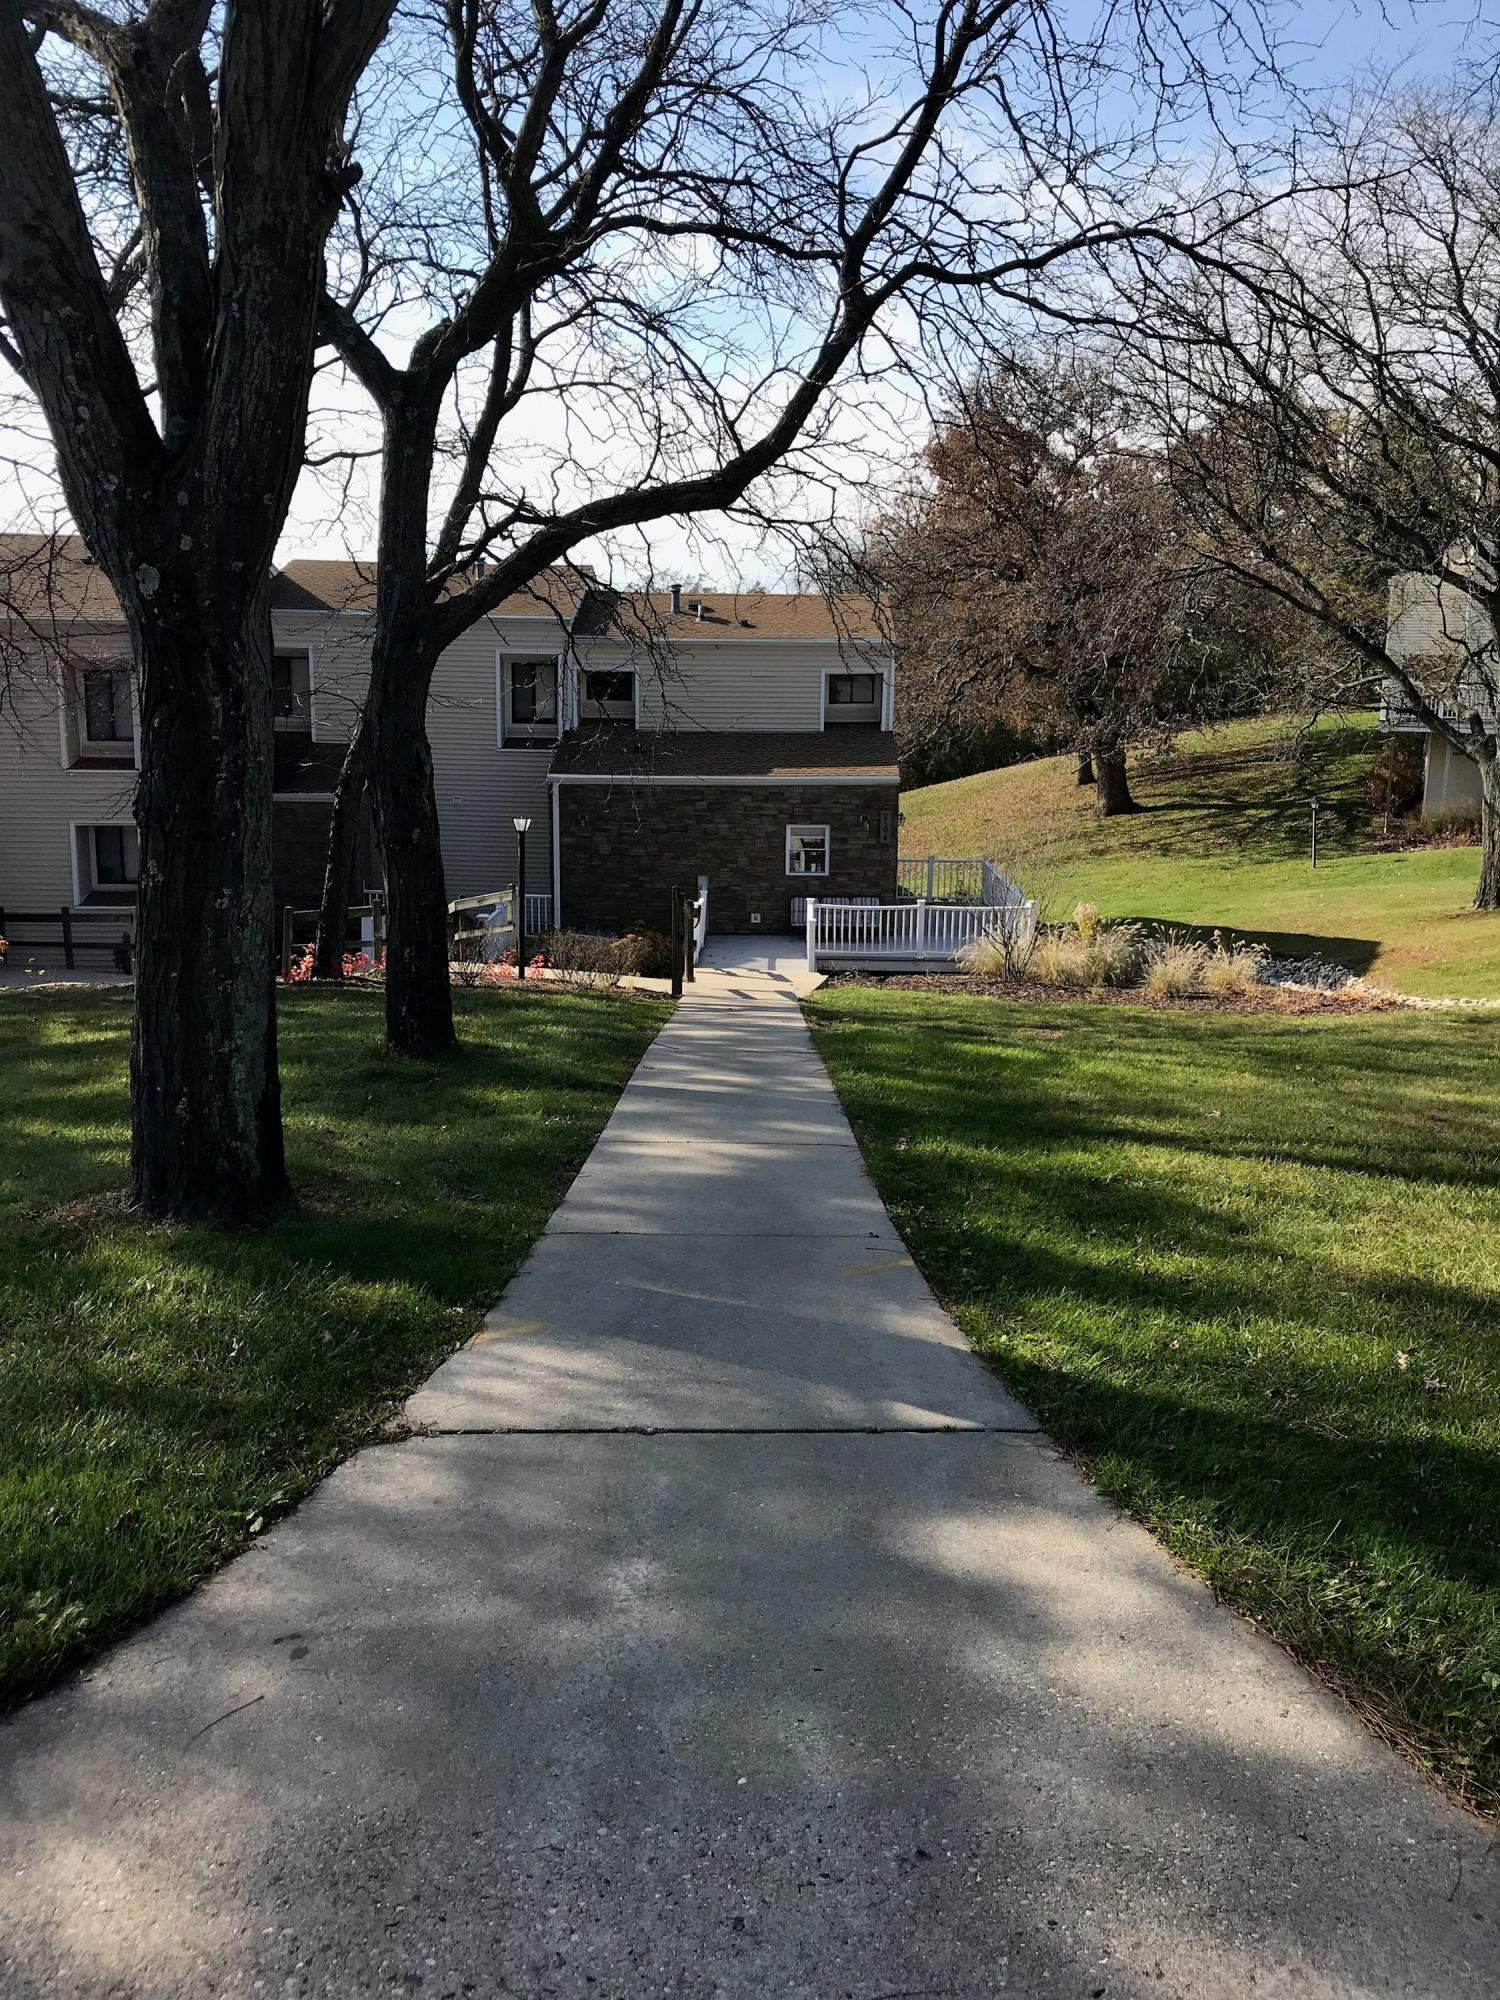 210-4 Sheridan Springs Rd, Lyons, Wisconsin 53147, 3 Bedrooms Bedrooms, 5 Rooms Rooms,2 BathroomsBathrooms,Condominiums,For Sale,Sheridan Springs Rd,2,1614580